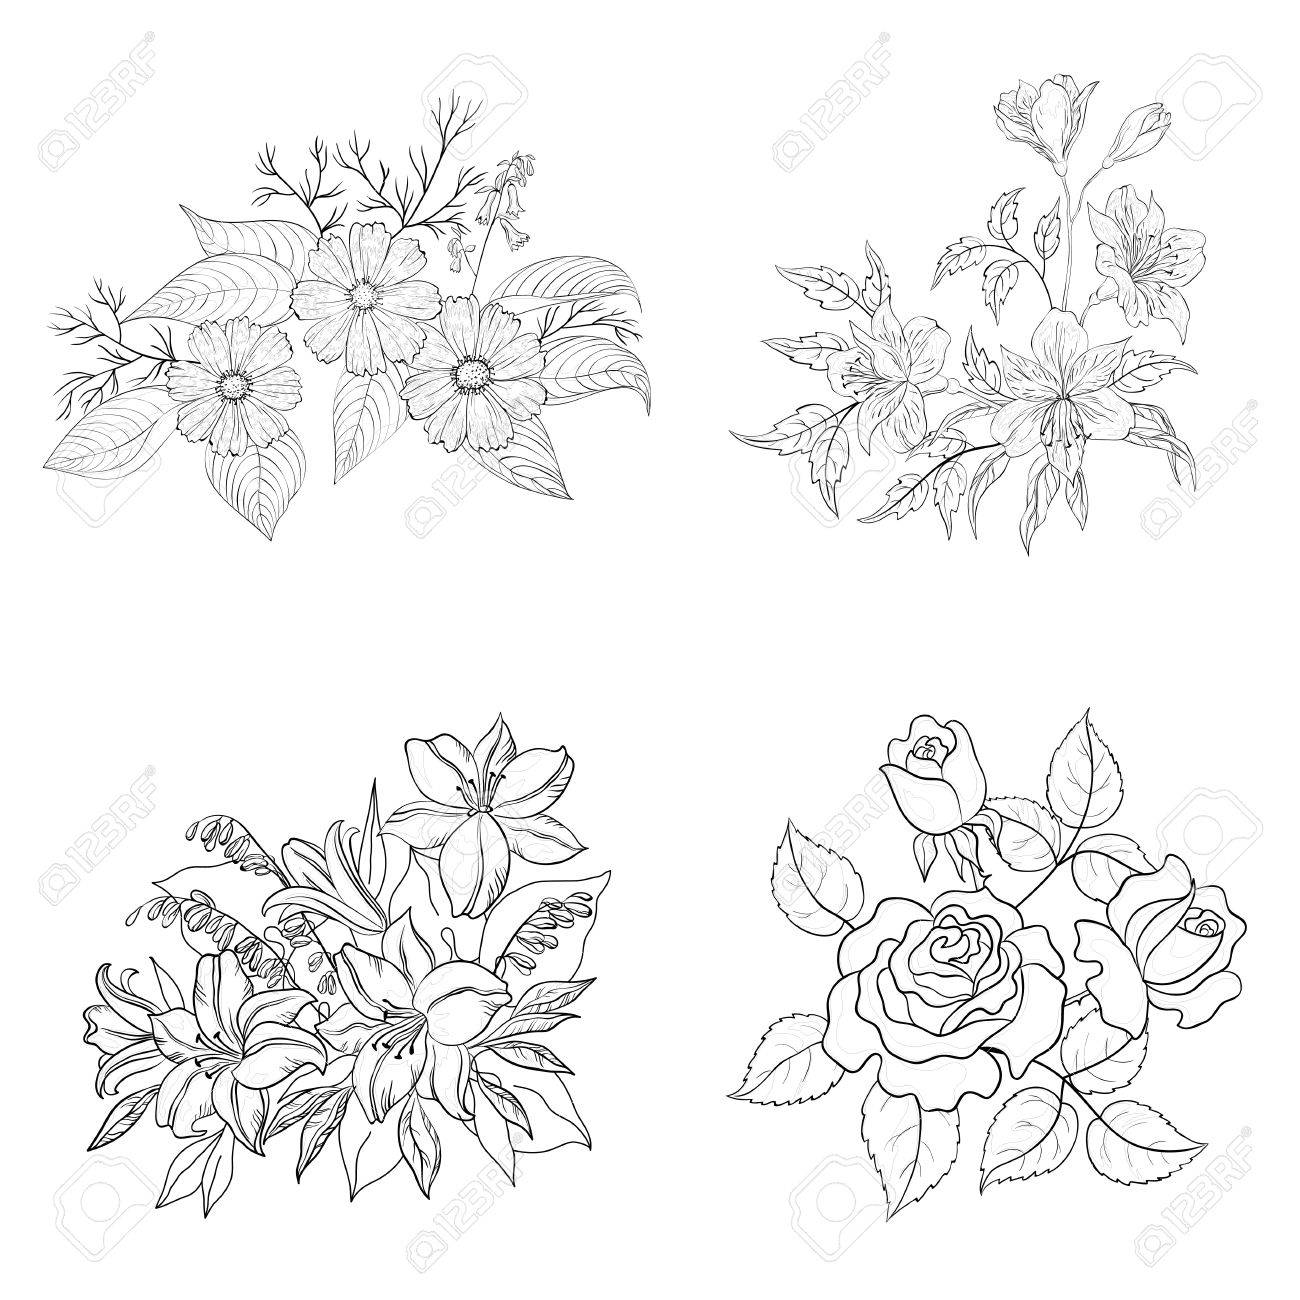 Ensemble De Fleurs Cultivees Contour Noir Sur Fond Blanc Rose Lys